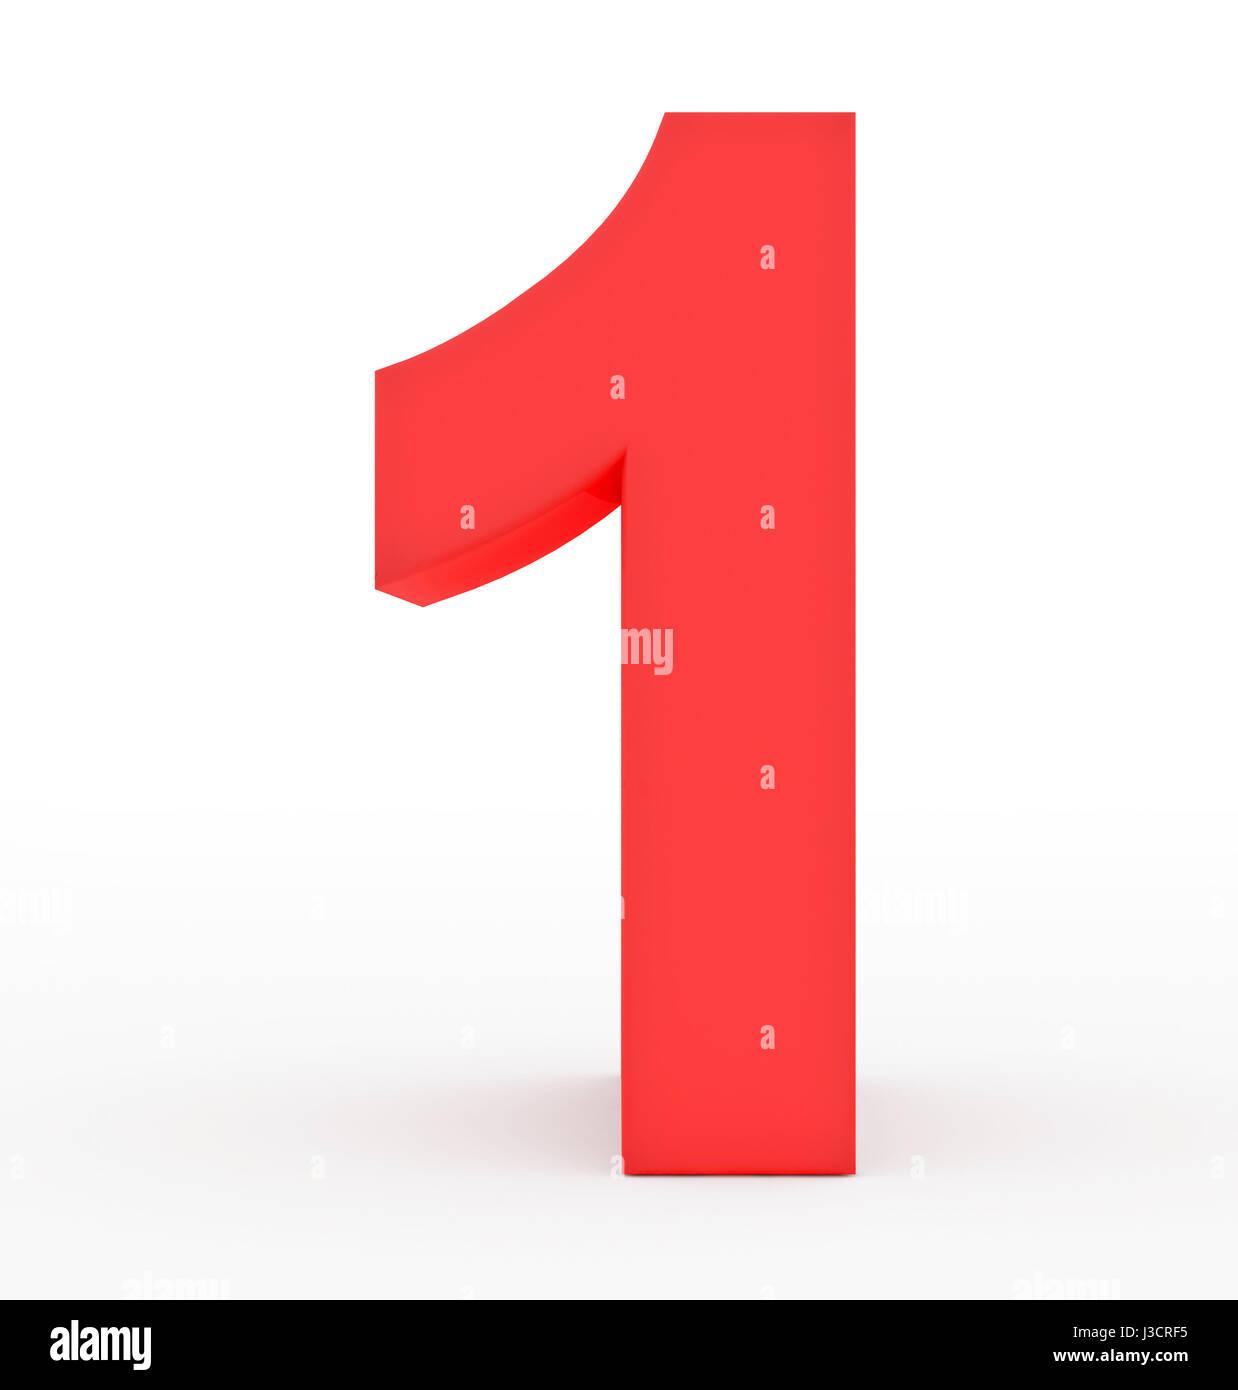 Número 1 3d rojo aislado en blanco - 3D rendering Imagen De Stock